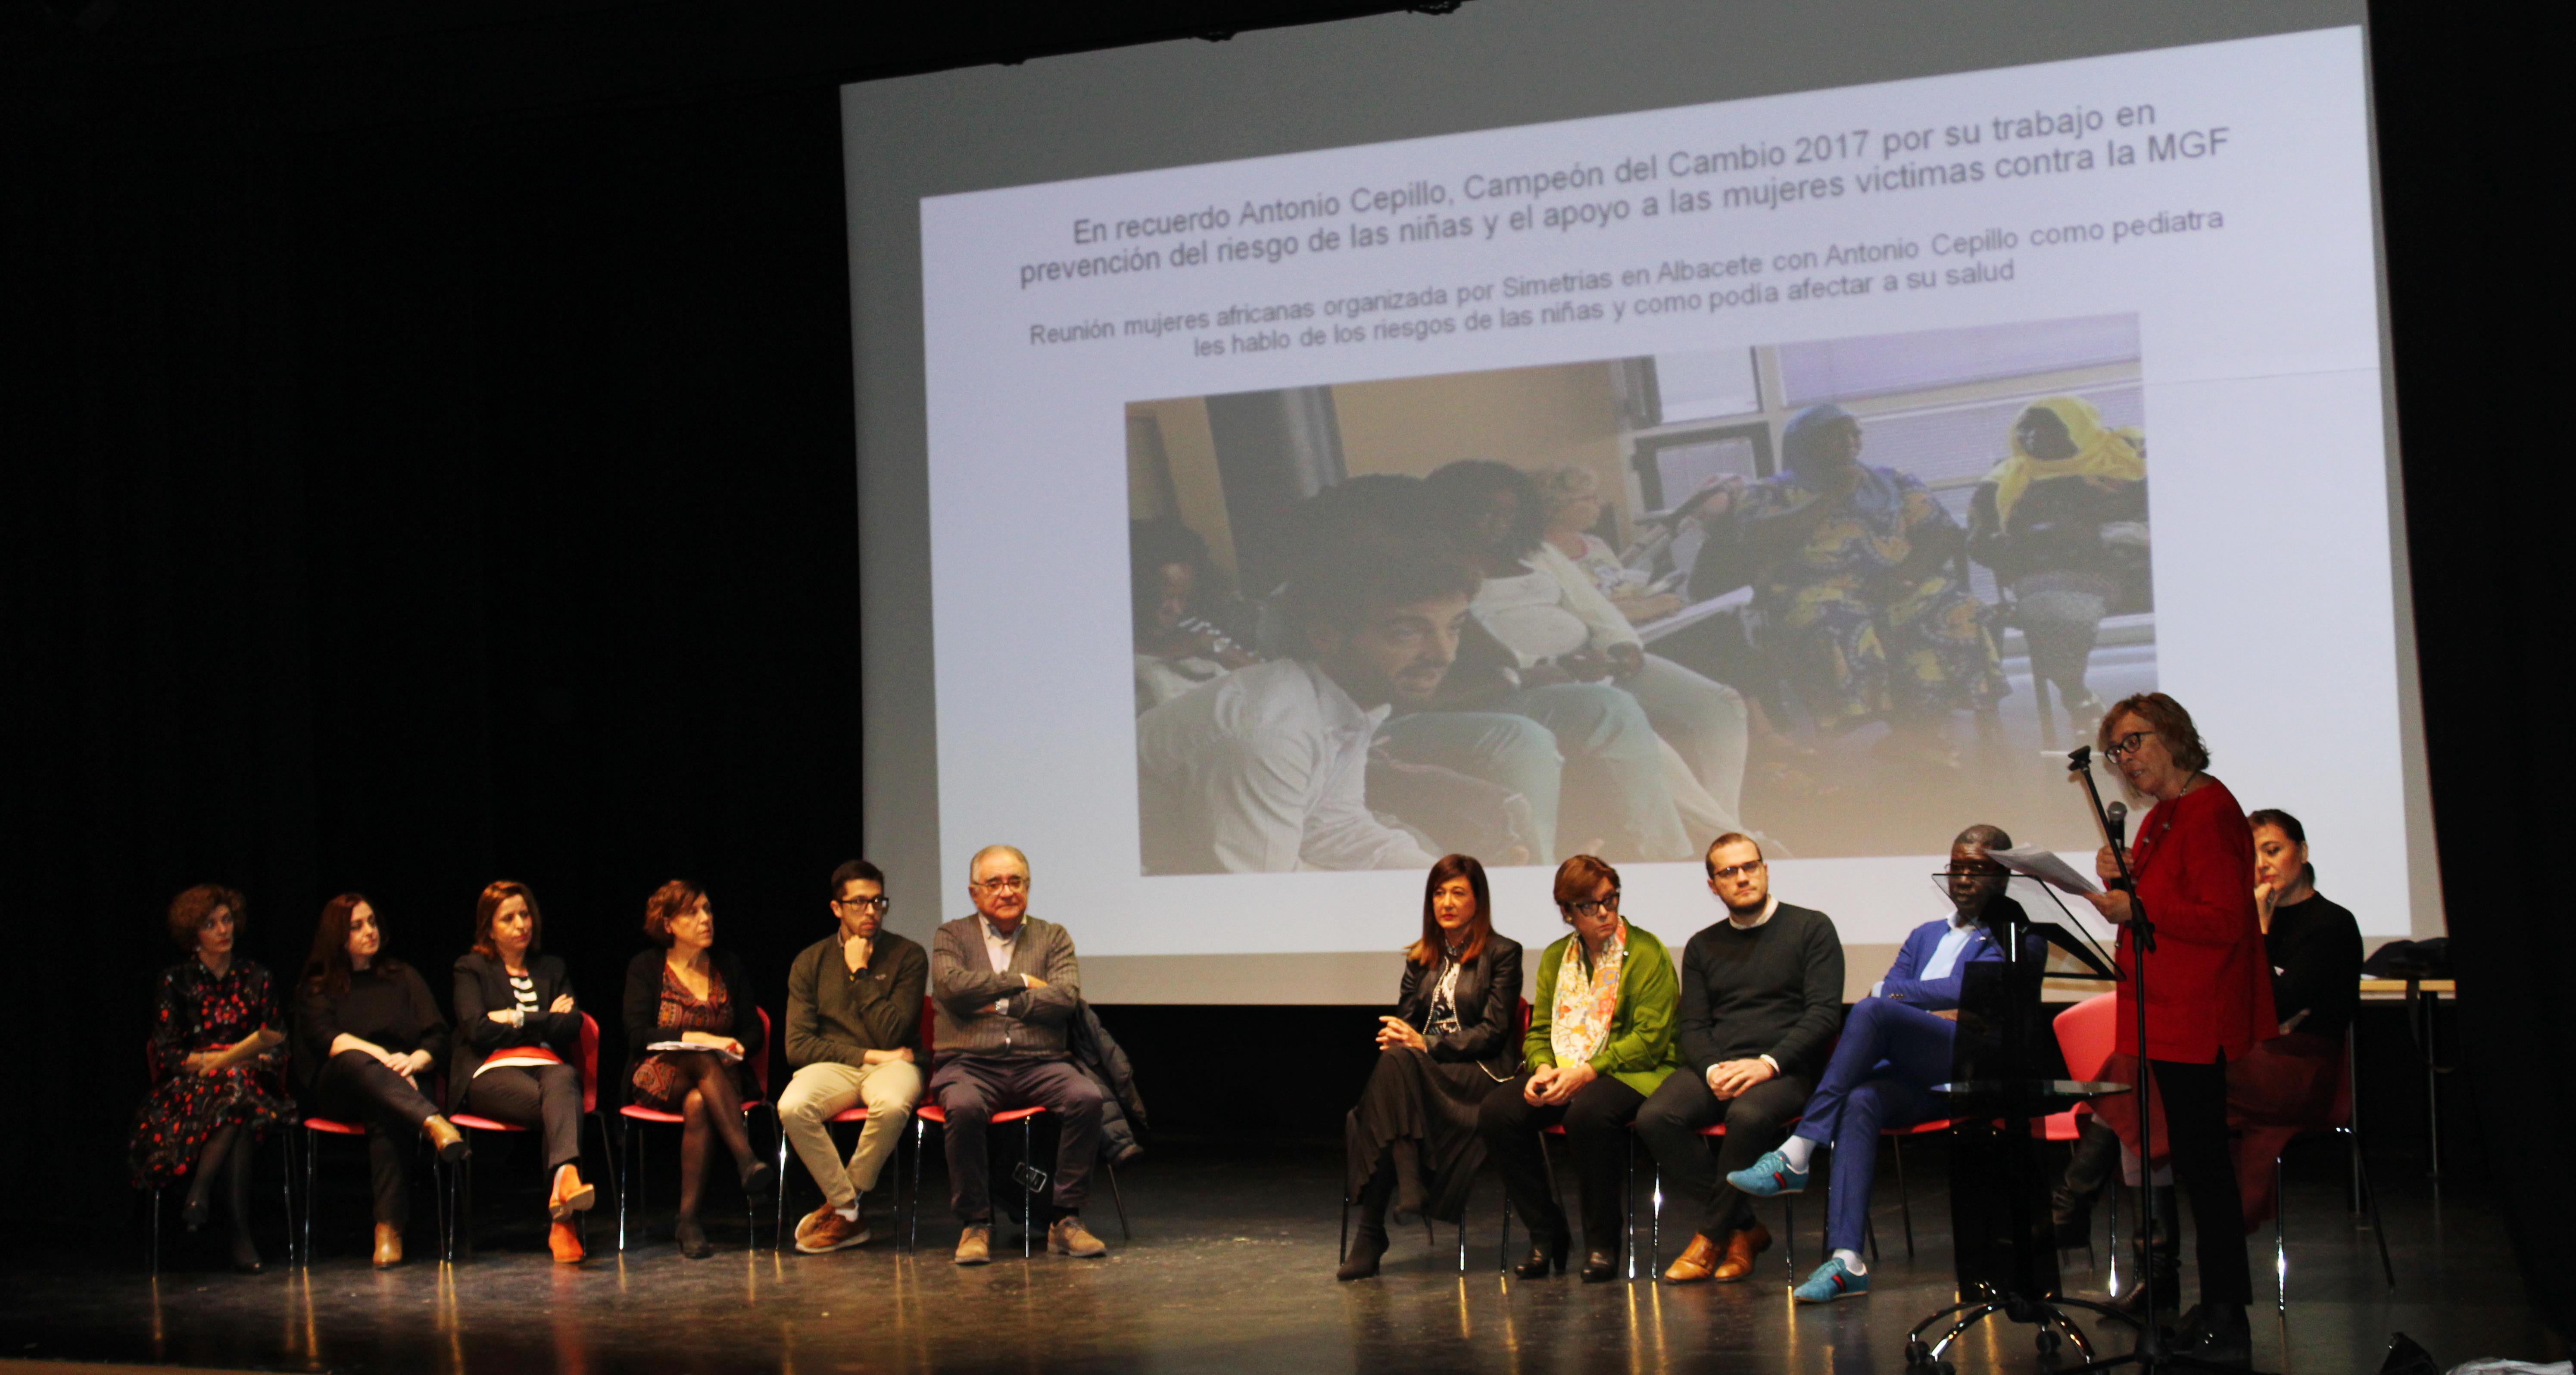 El Gobierno de Castilla-La Mancha sigue desarrollando el protocolo para erradicar la mutilación genital femenina